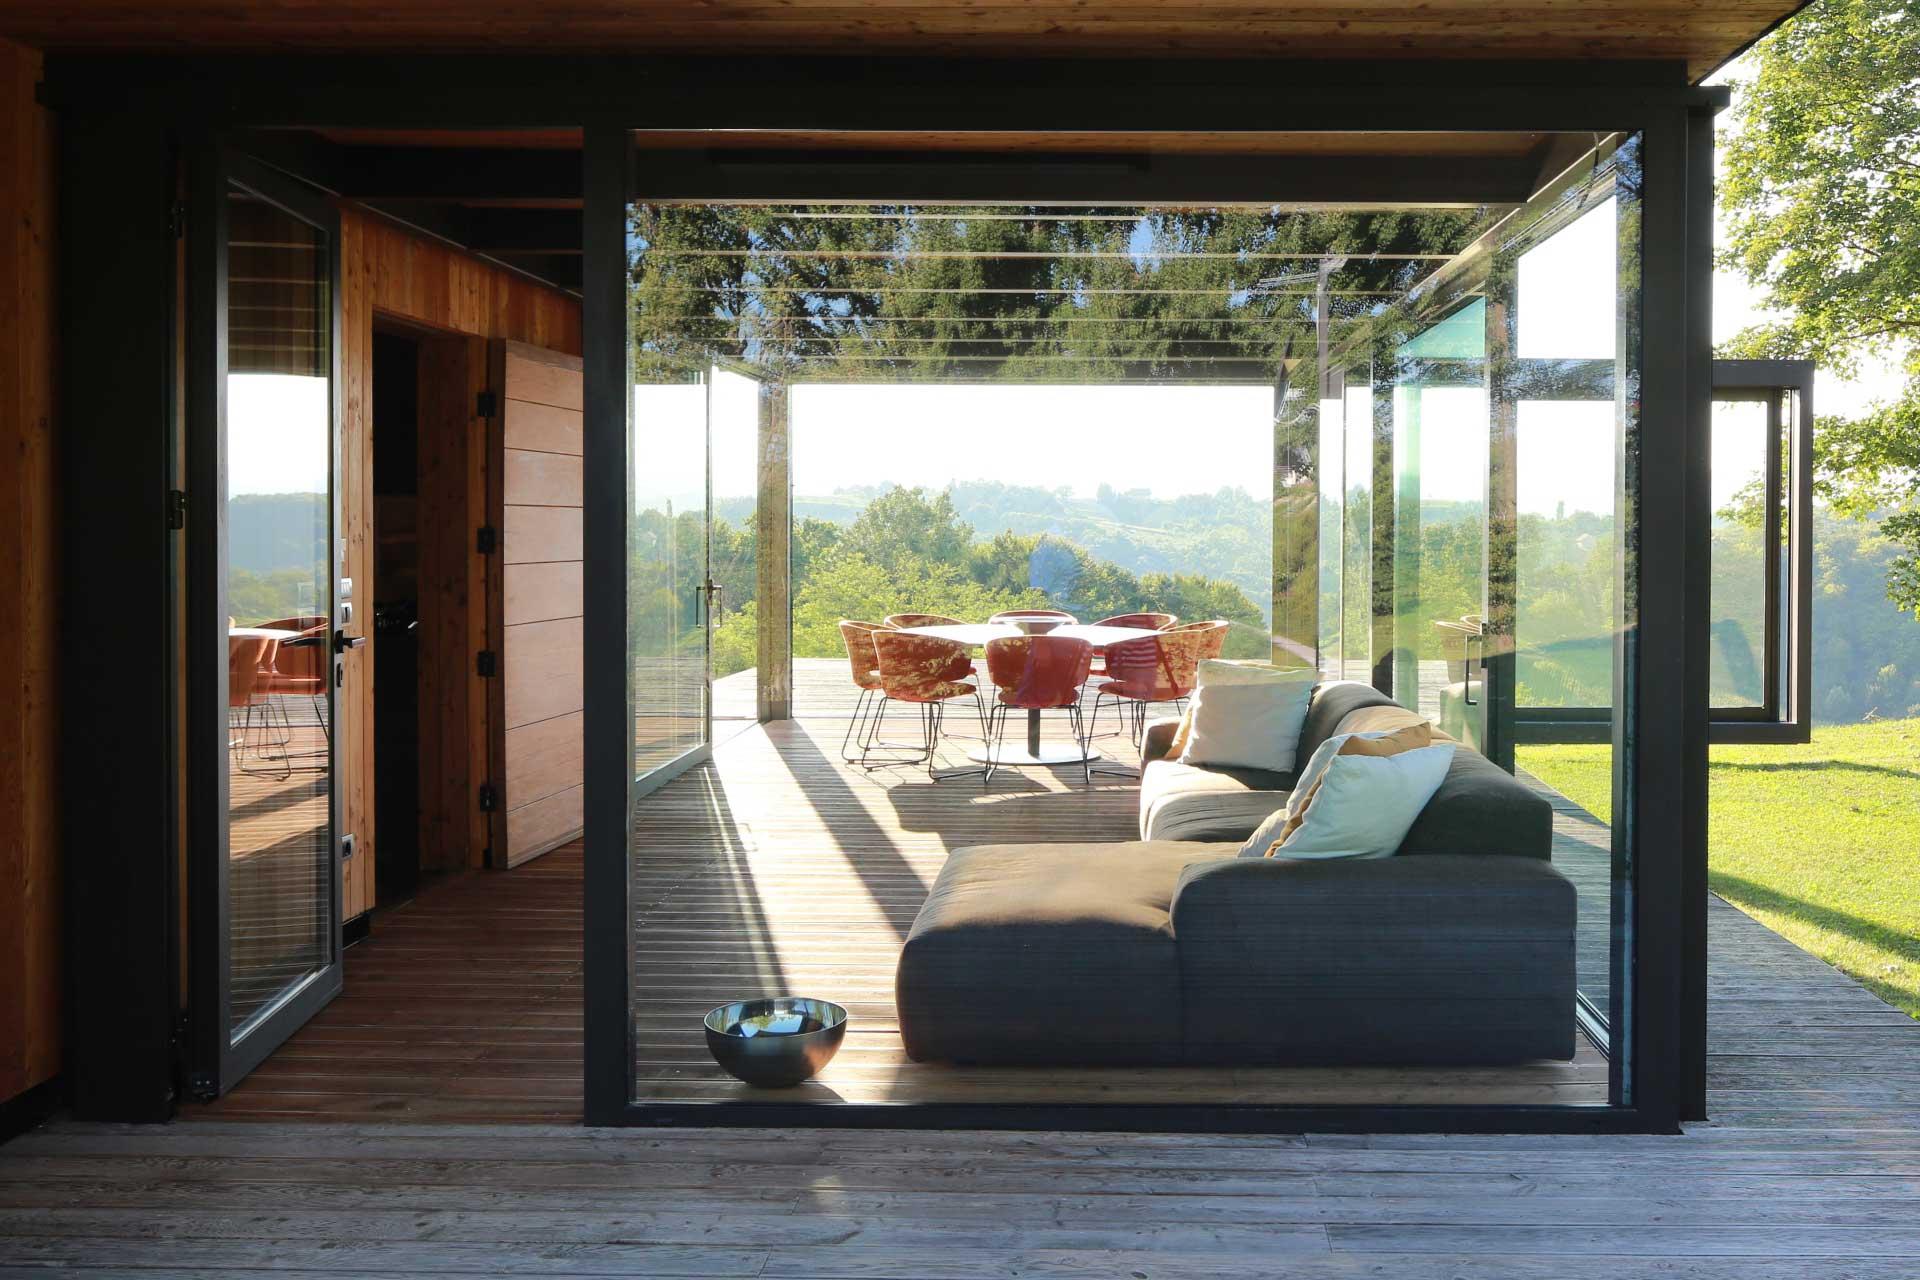 Kiváló formatervezésű és funkcionalitású műanyag ablakokat vásárolhat